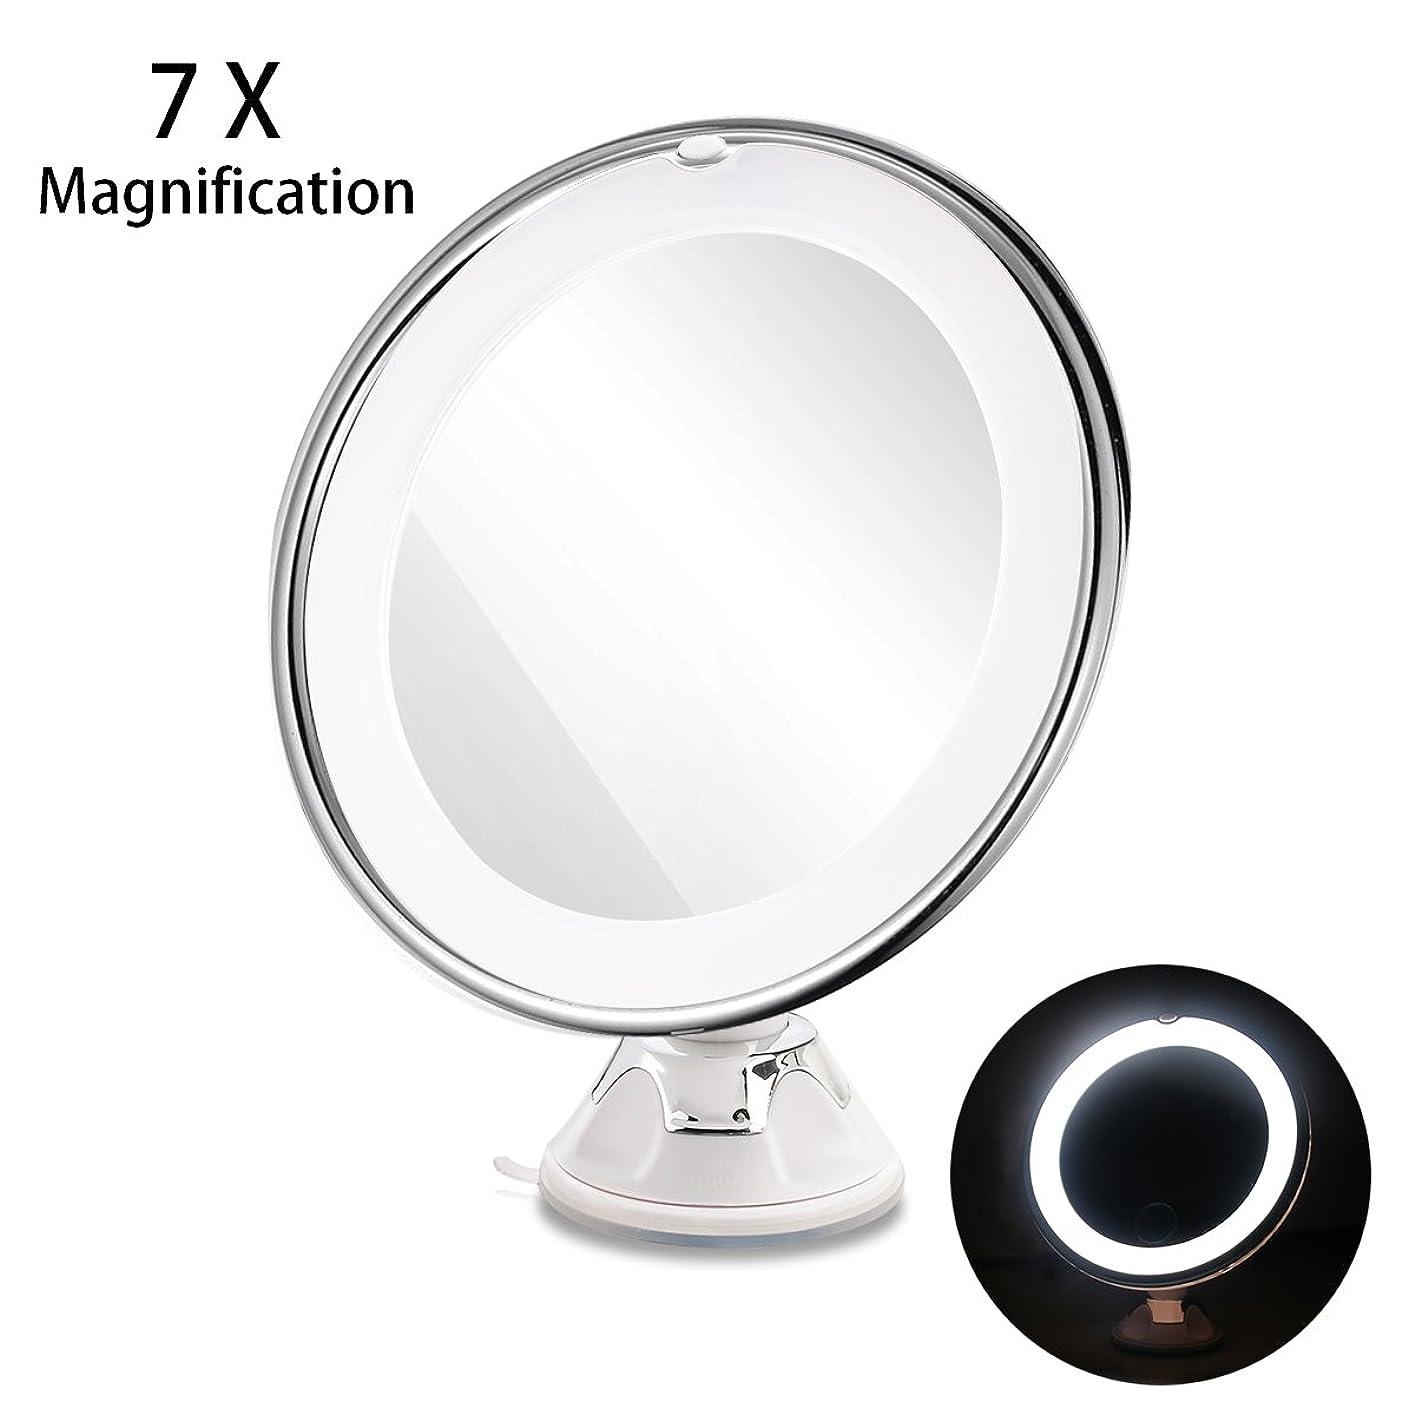 スコア作詞家一般的にRUIMIO 化粧鏡 メイクアップミラー 7倍拡大鏡 LED化粧鏡 円型 浴室鏡 卓上鏡 強力吸盤ロック付き 壁掛けメイクミラー 360度回転スタンドミラー 電池式(ついてません)